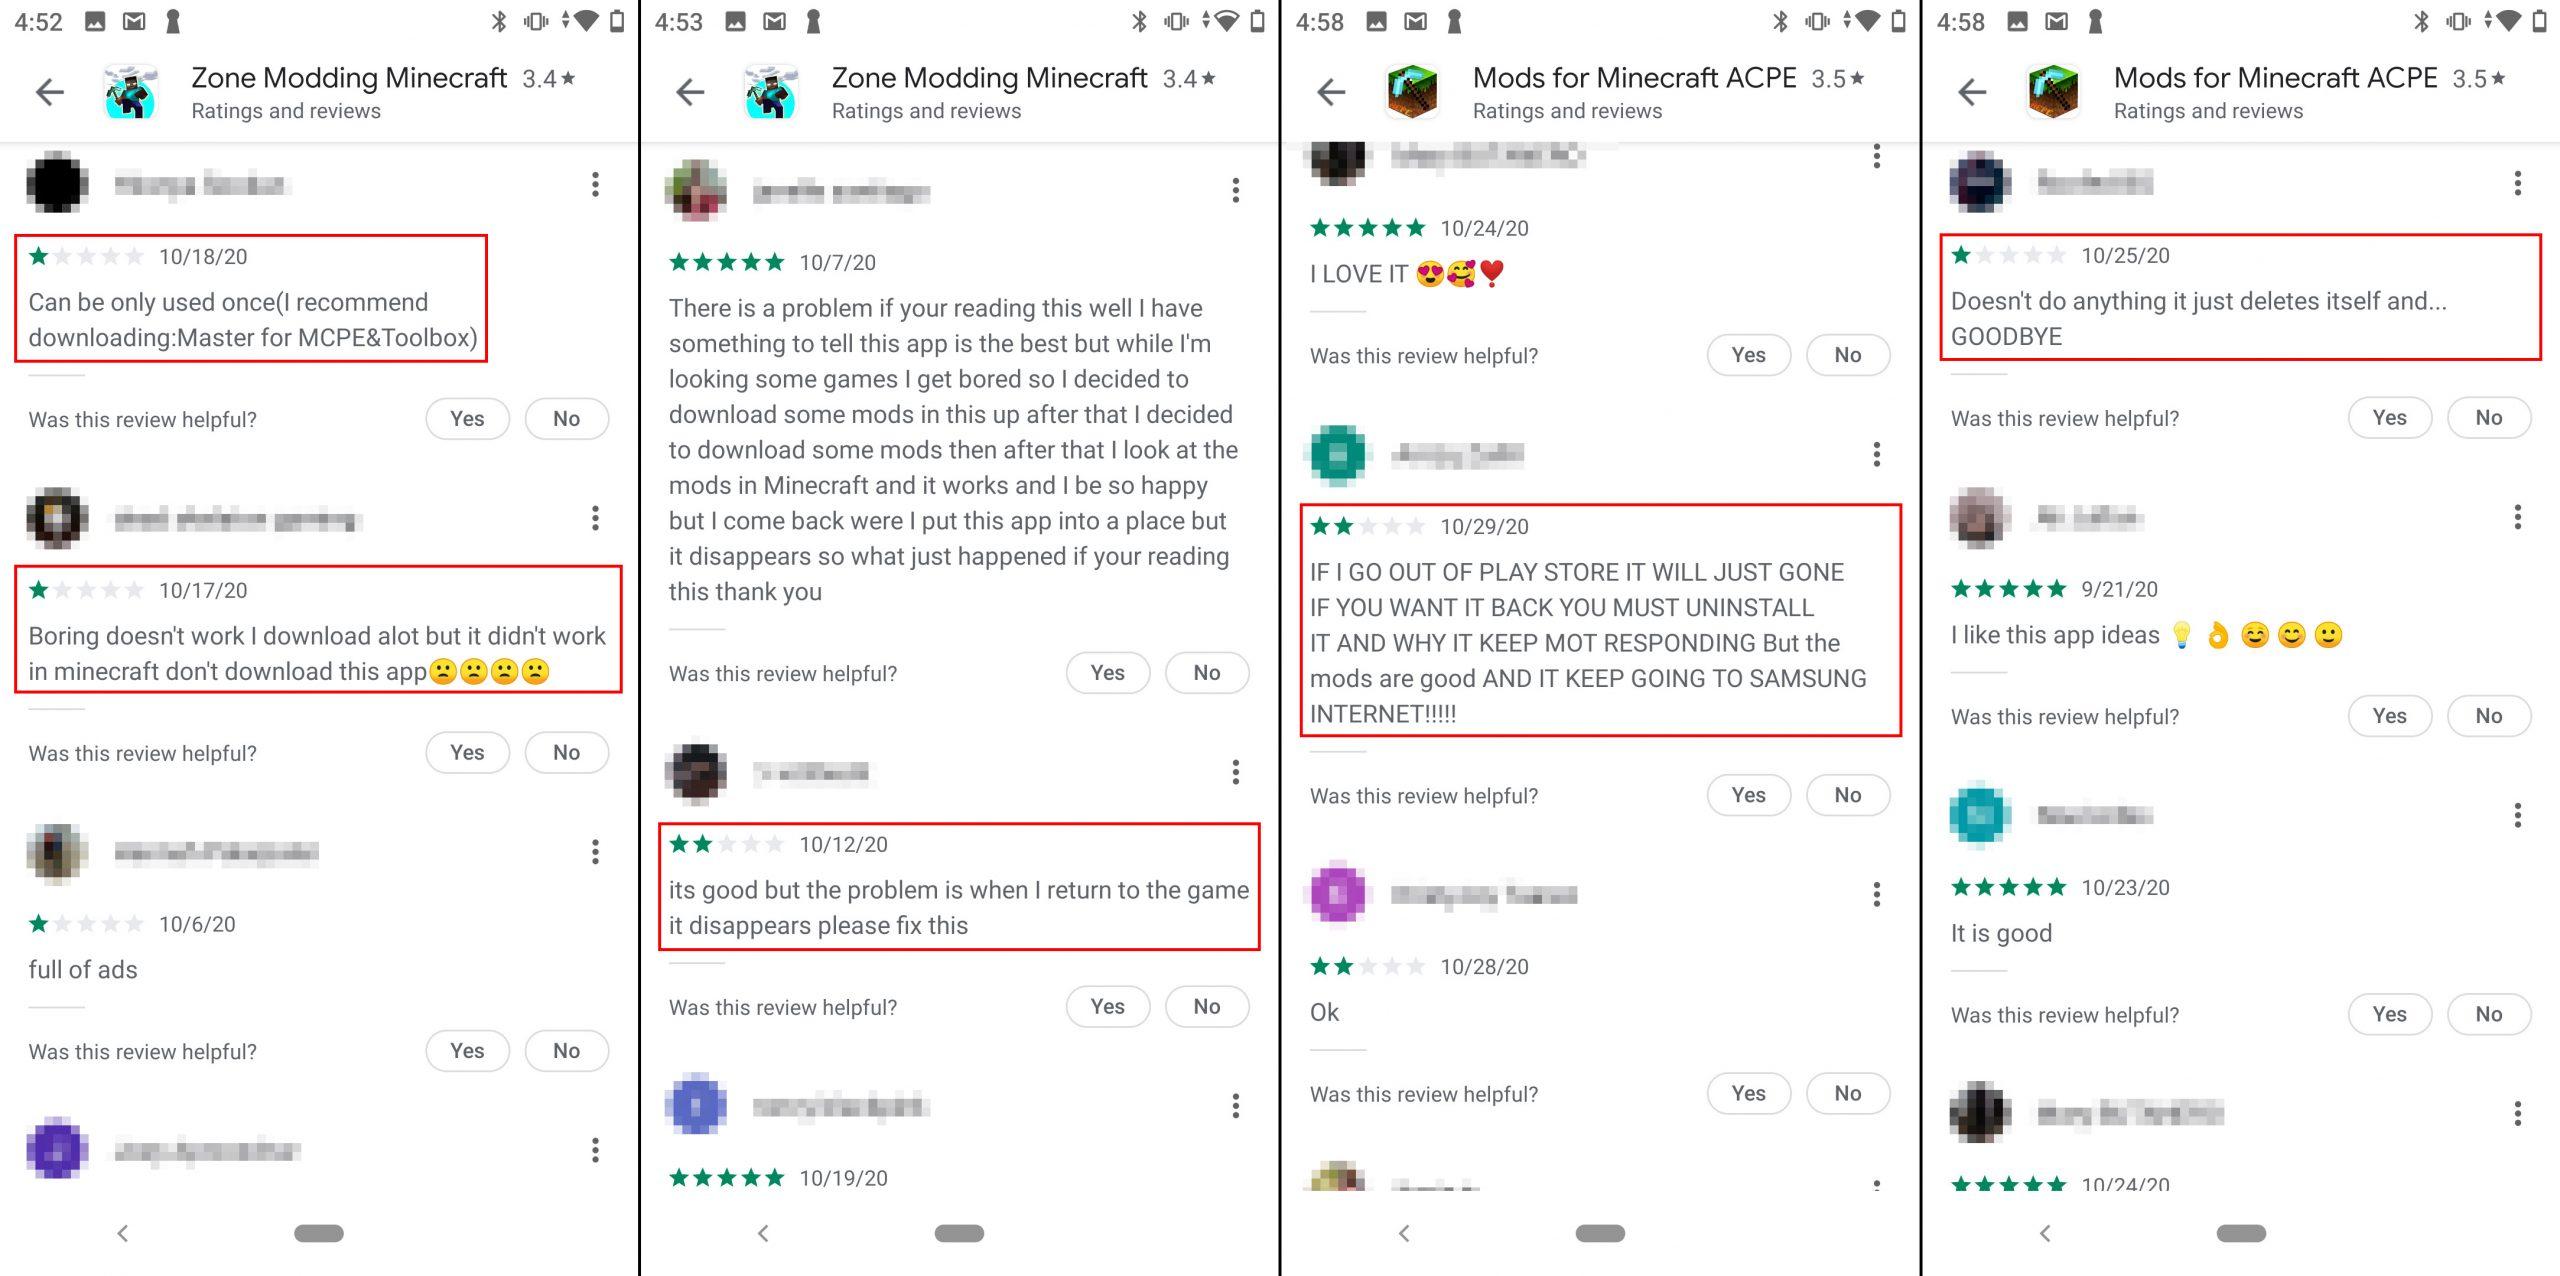 アプリが動作しない、勝手に消えた、と不満を述べるユーザー